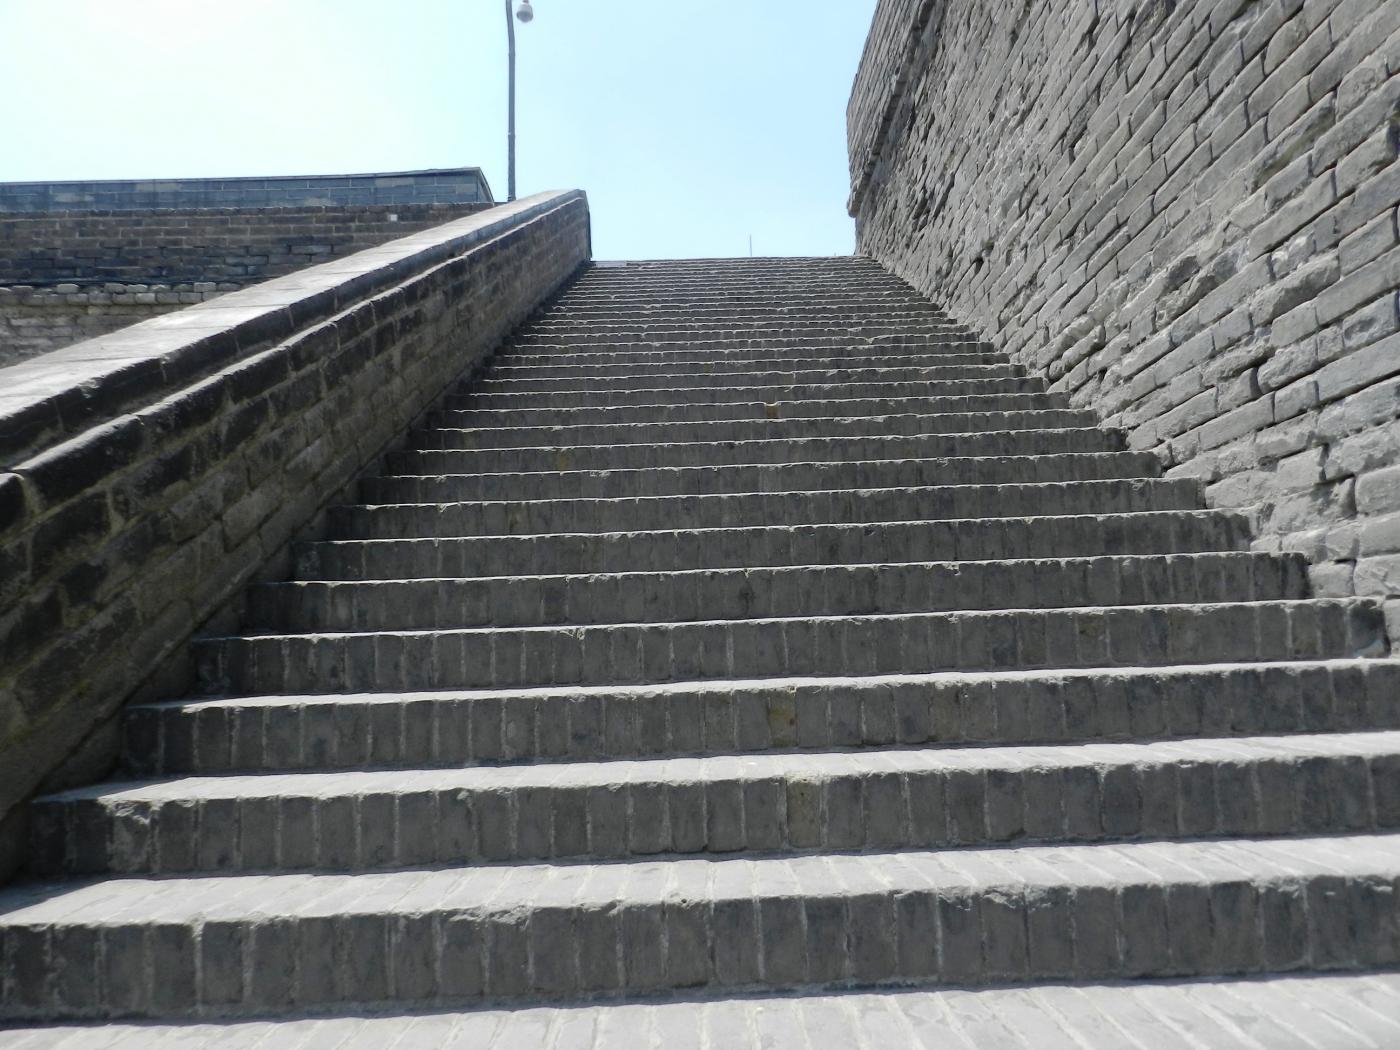 【汉良子】西安城墙(图)_图1-7